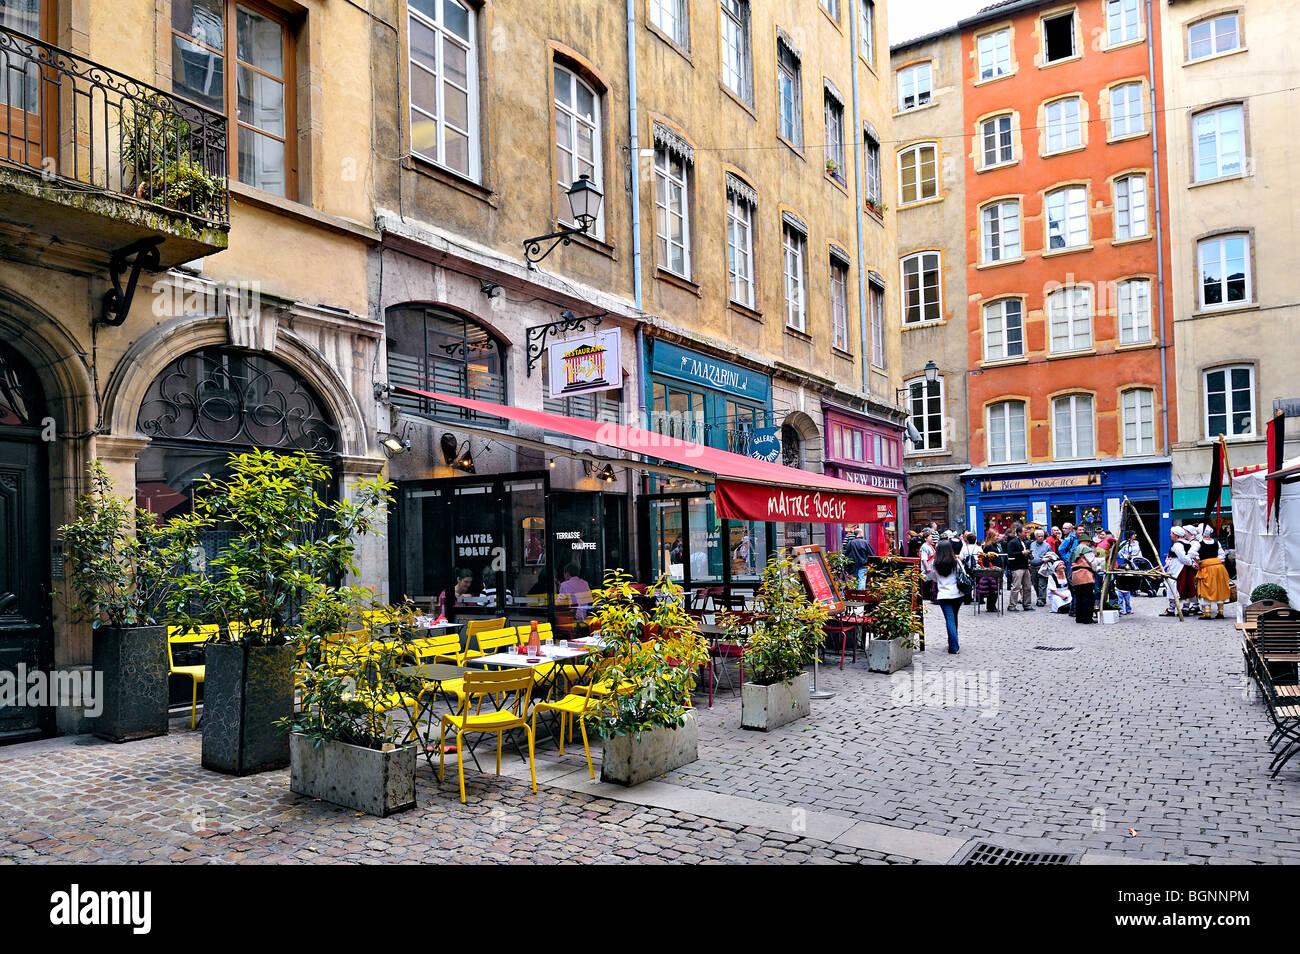 Place de La Baleine, Lyon, France. - Stock Image